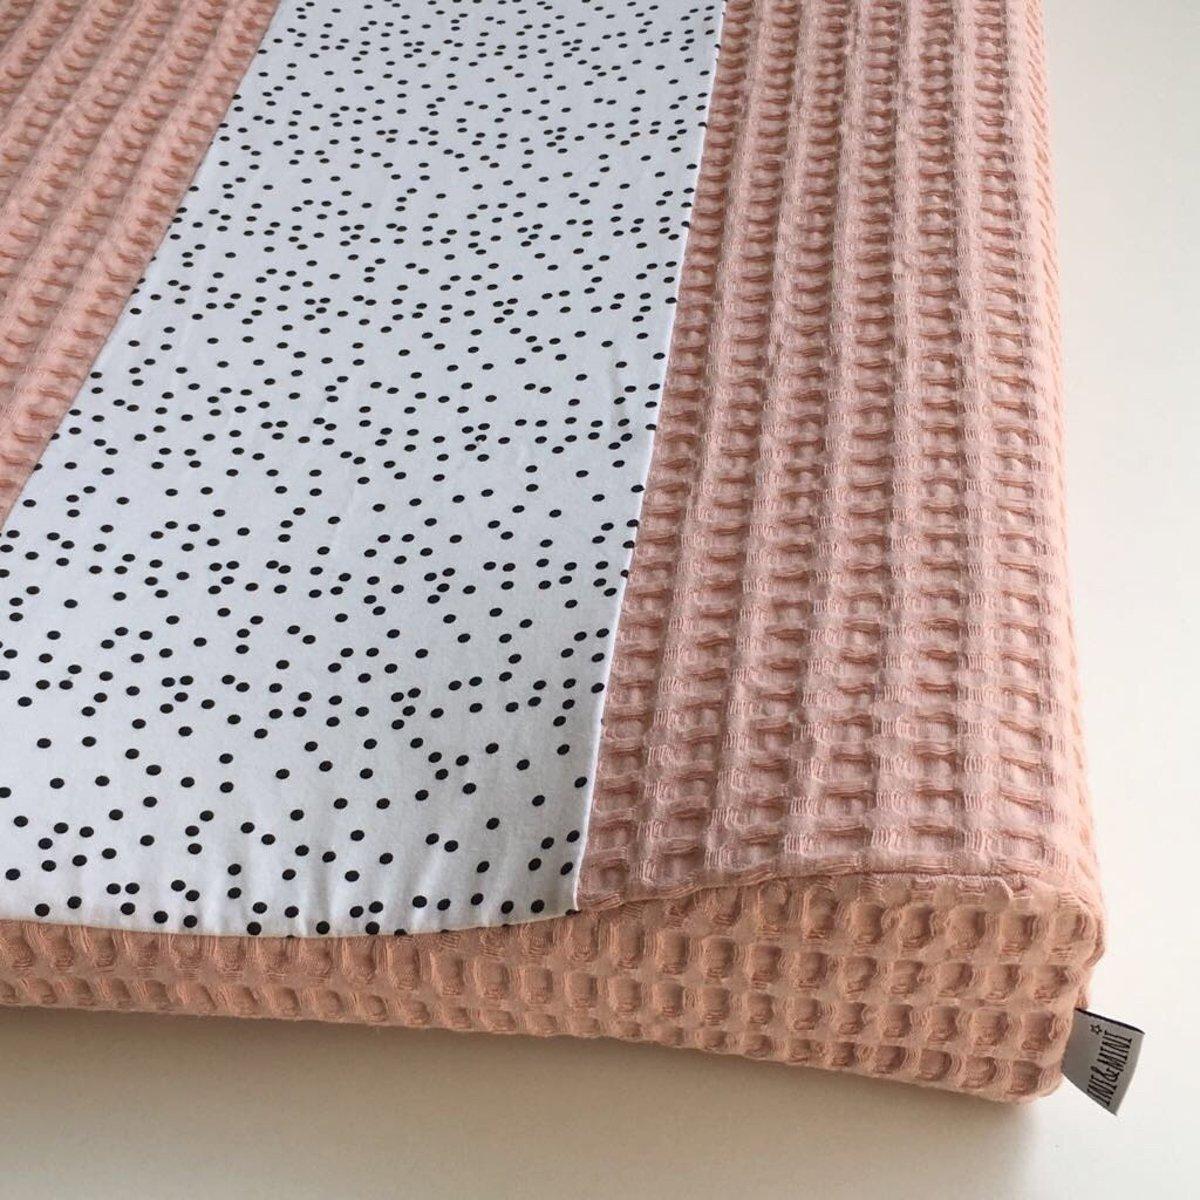 Ini & Mini  Aankleedkussenhoes Dotty / Licht Roze - Bebe jou (44x72x9)